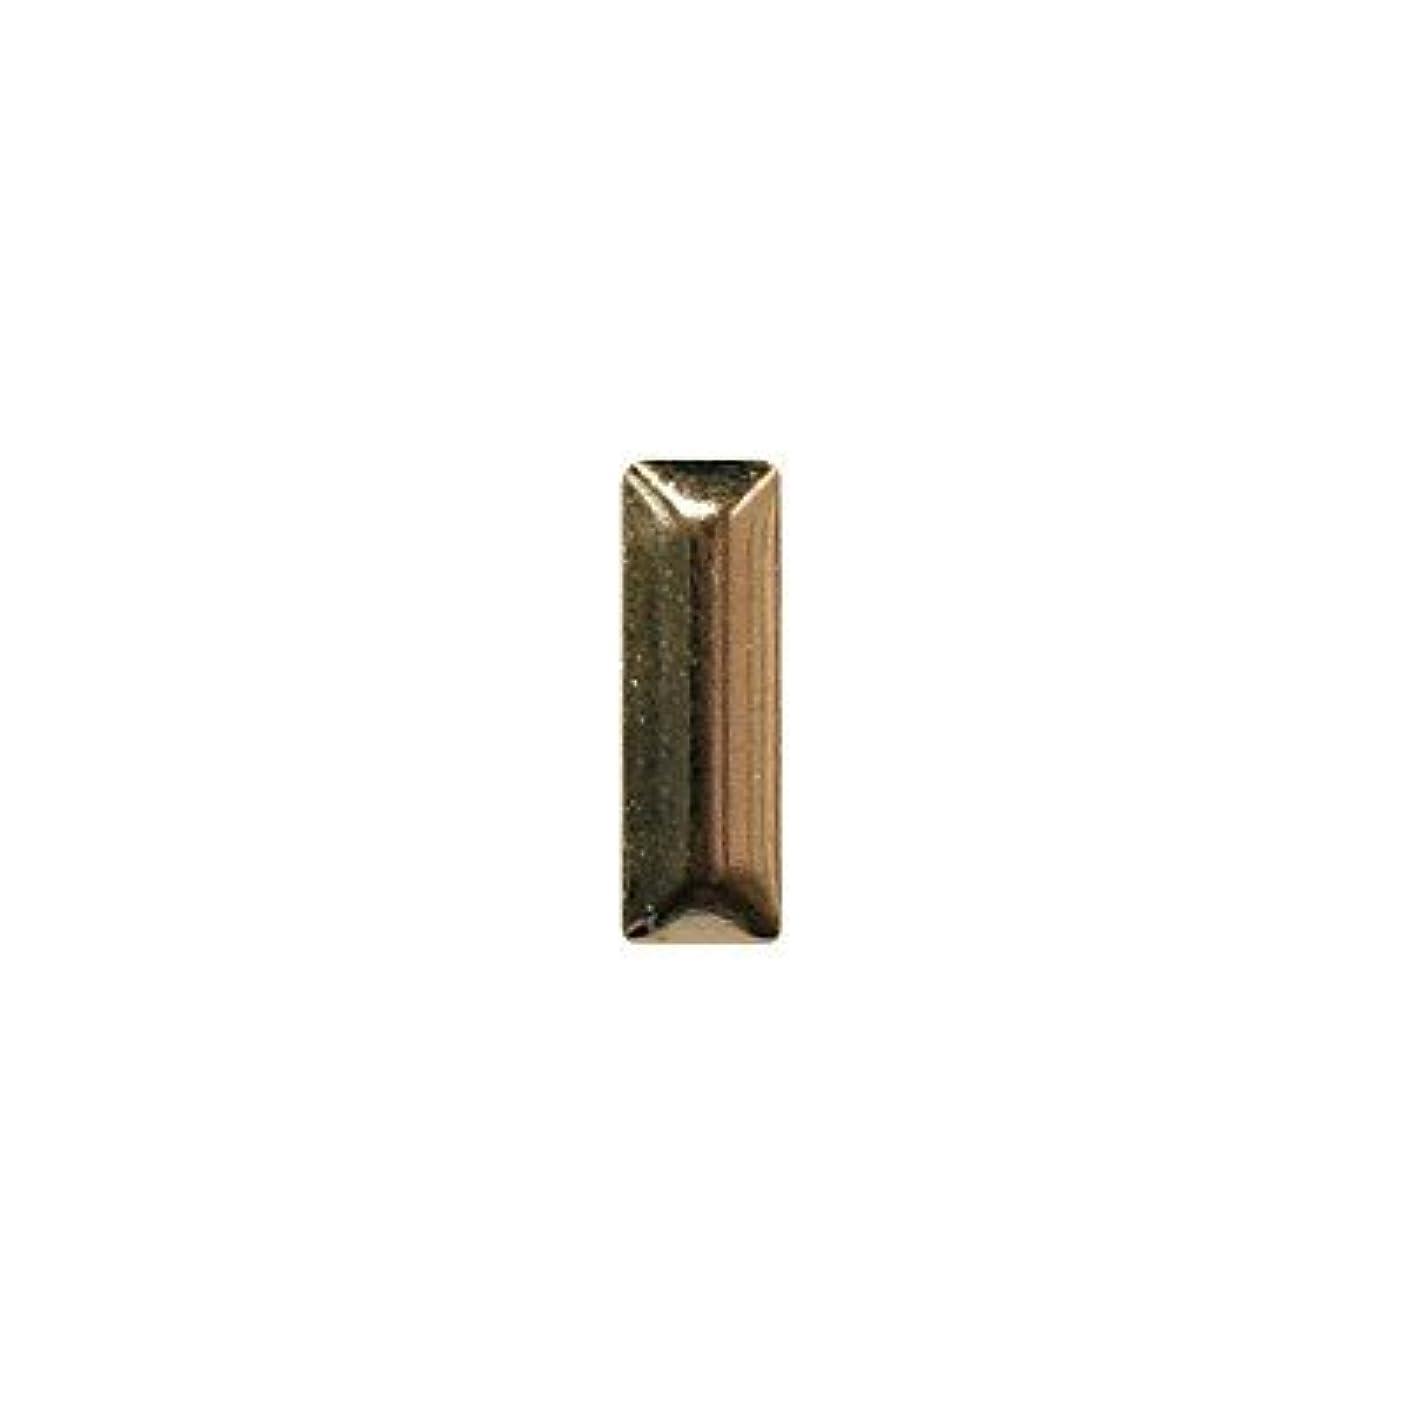 アルコーブオリエンテーションオーロックピアドラ スタッズ メタル長方形 2×6mm 50P ゴールド